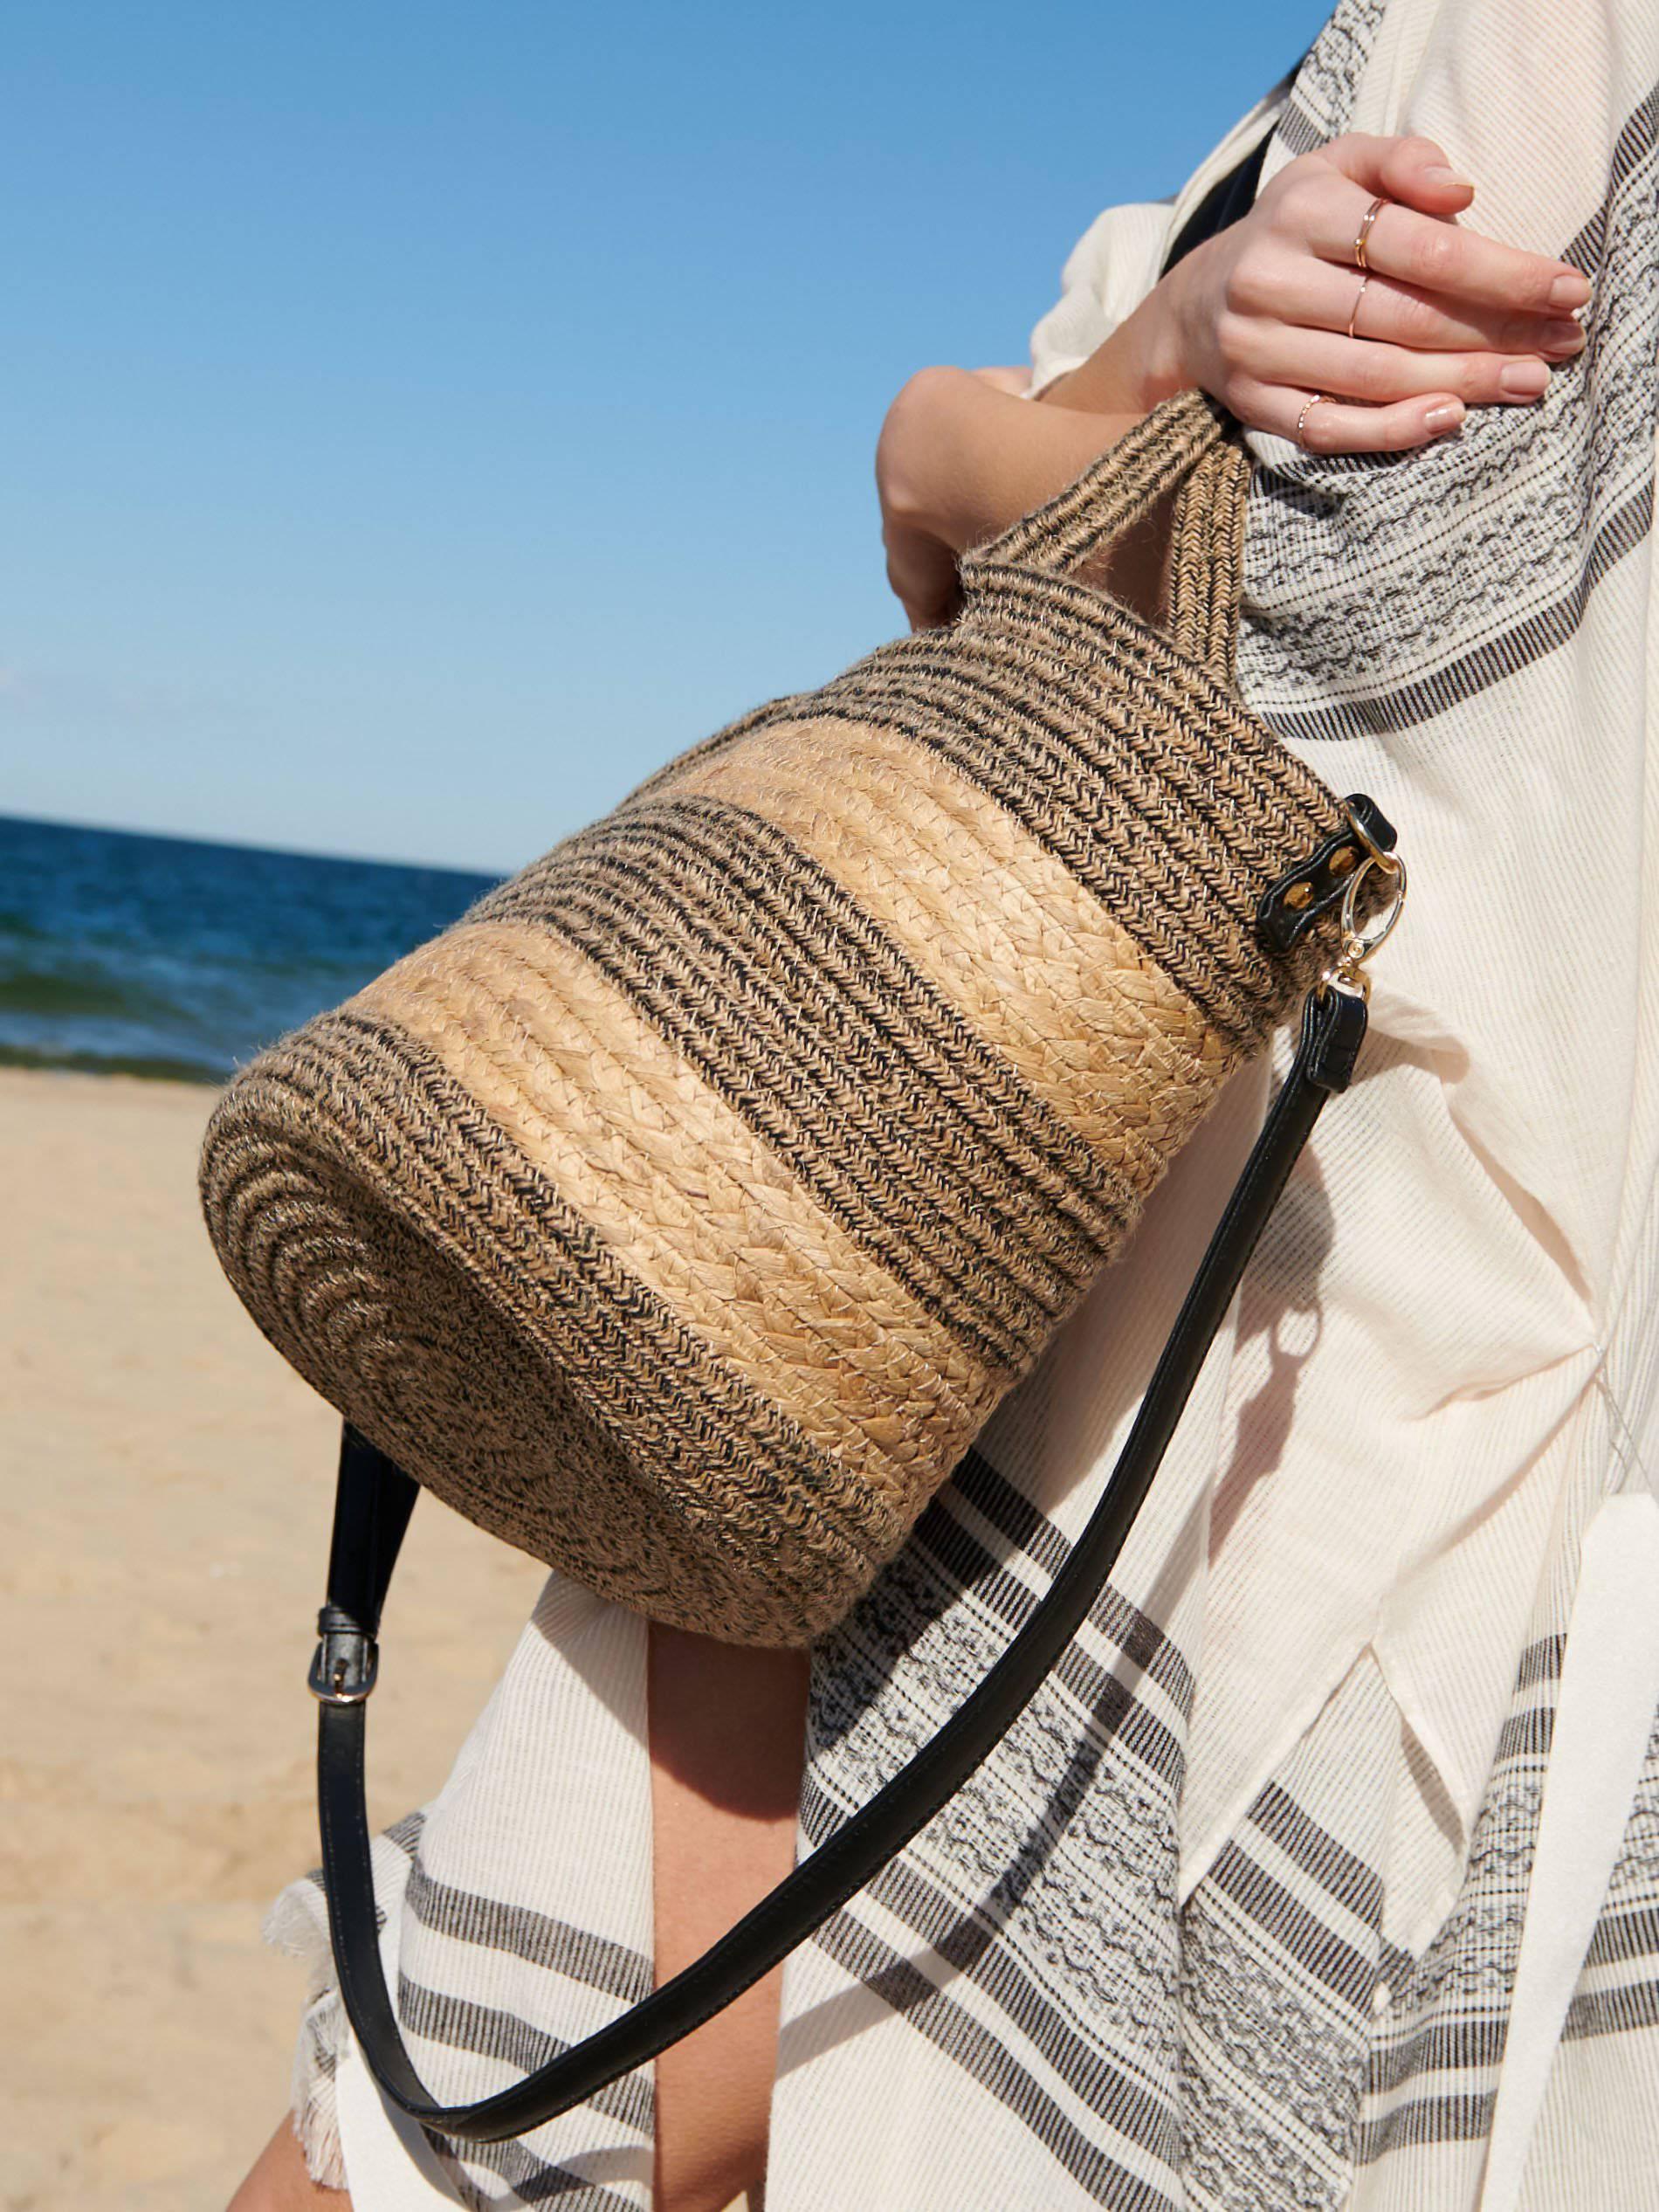 10 odličnih torbi većih dimenzija idealnih za plažu i dane odmora